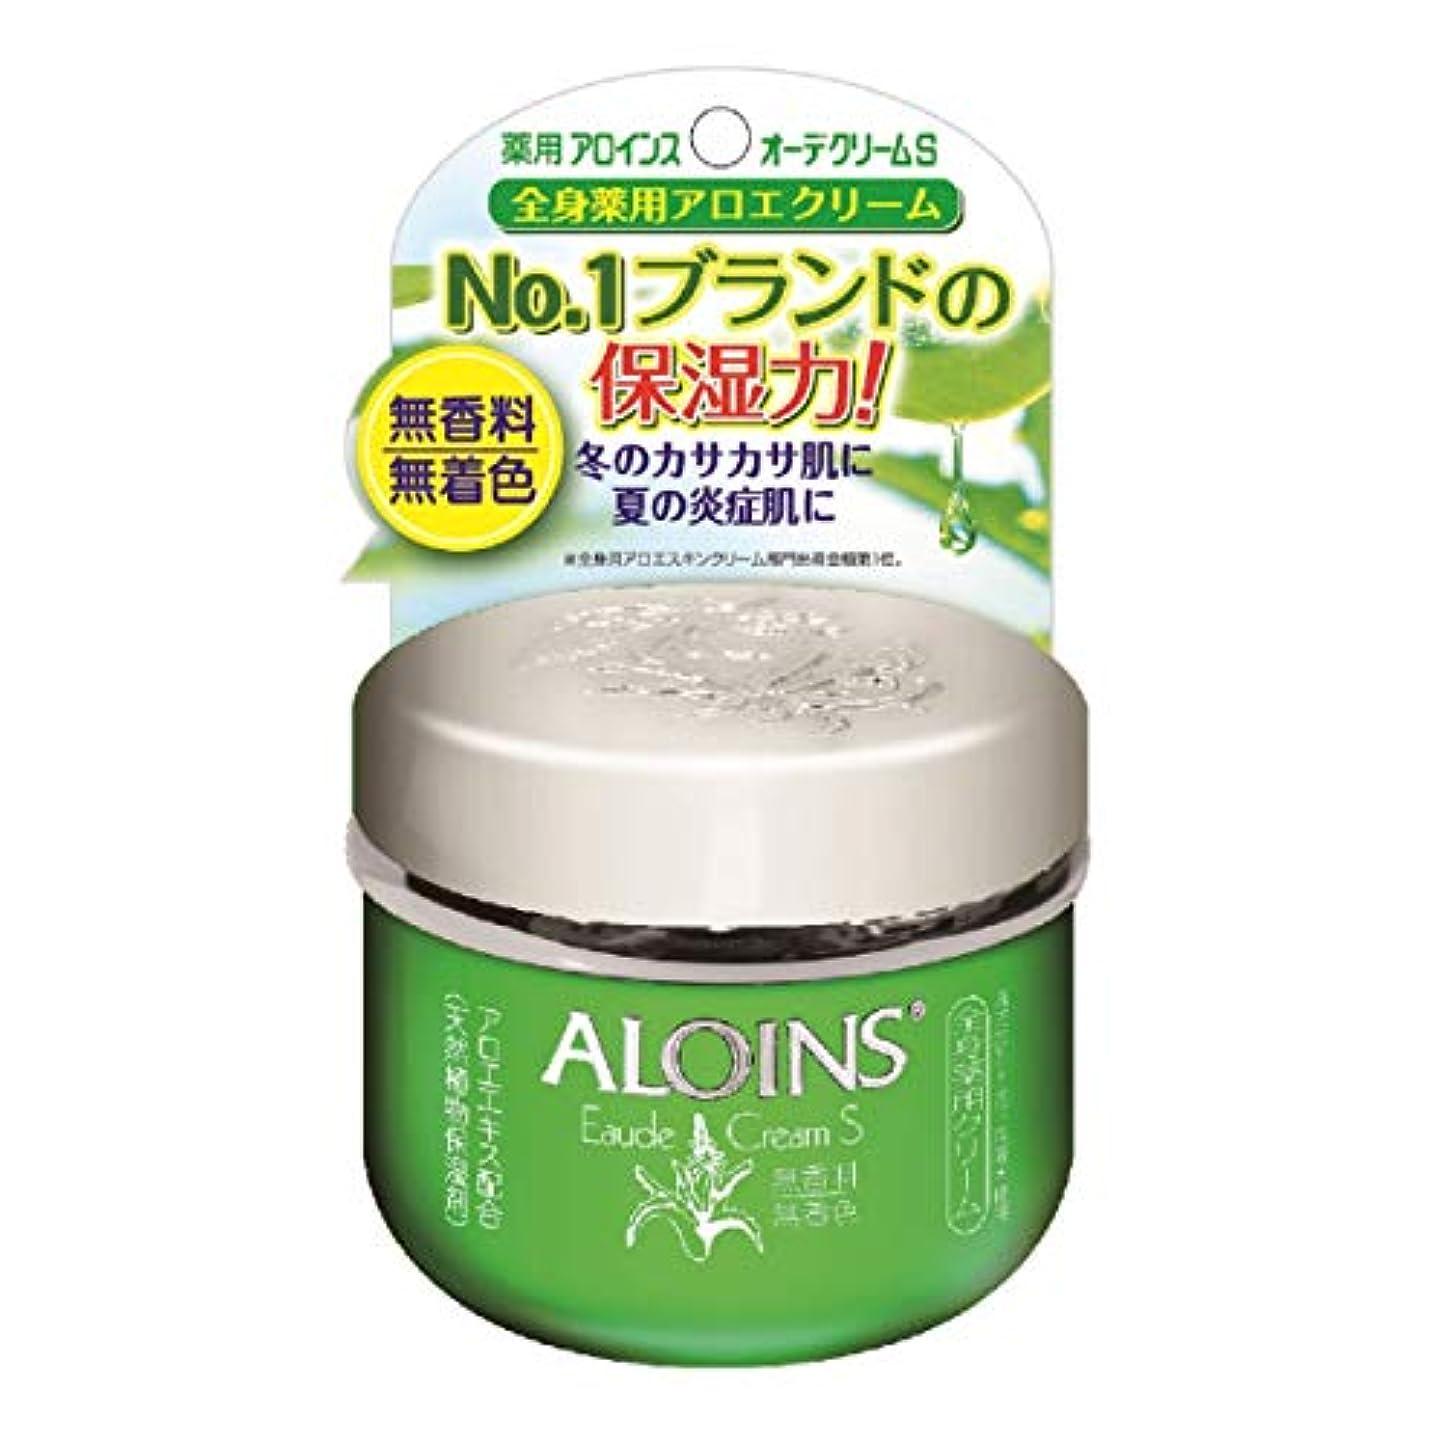 入浴神経衰弱機知に富んだオーデクリームS 35g 無香料